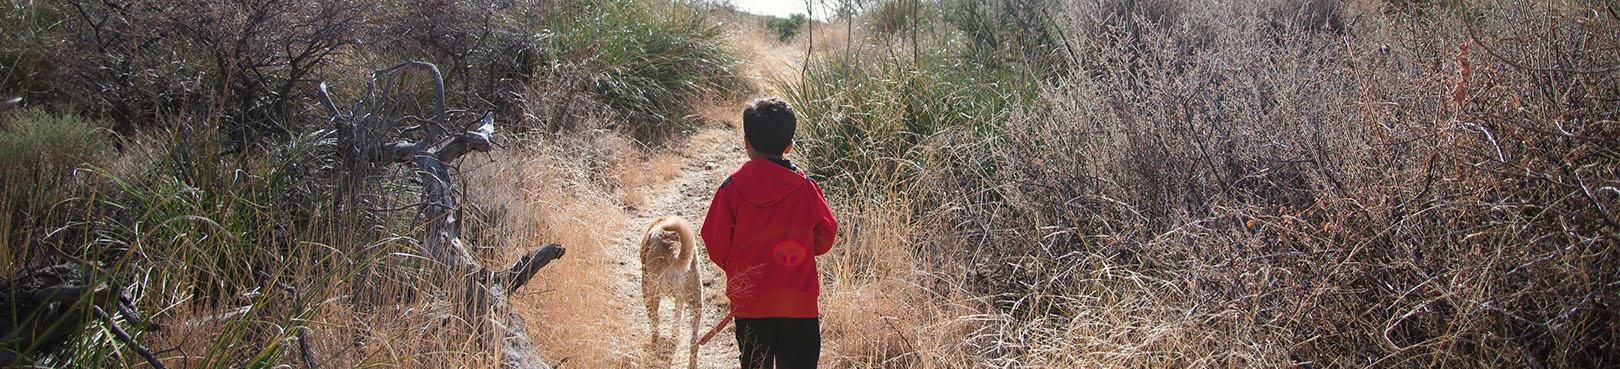 Arizona's Dog Friendly Parks | Arizona State Parks